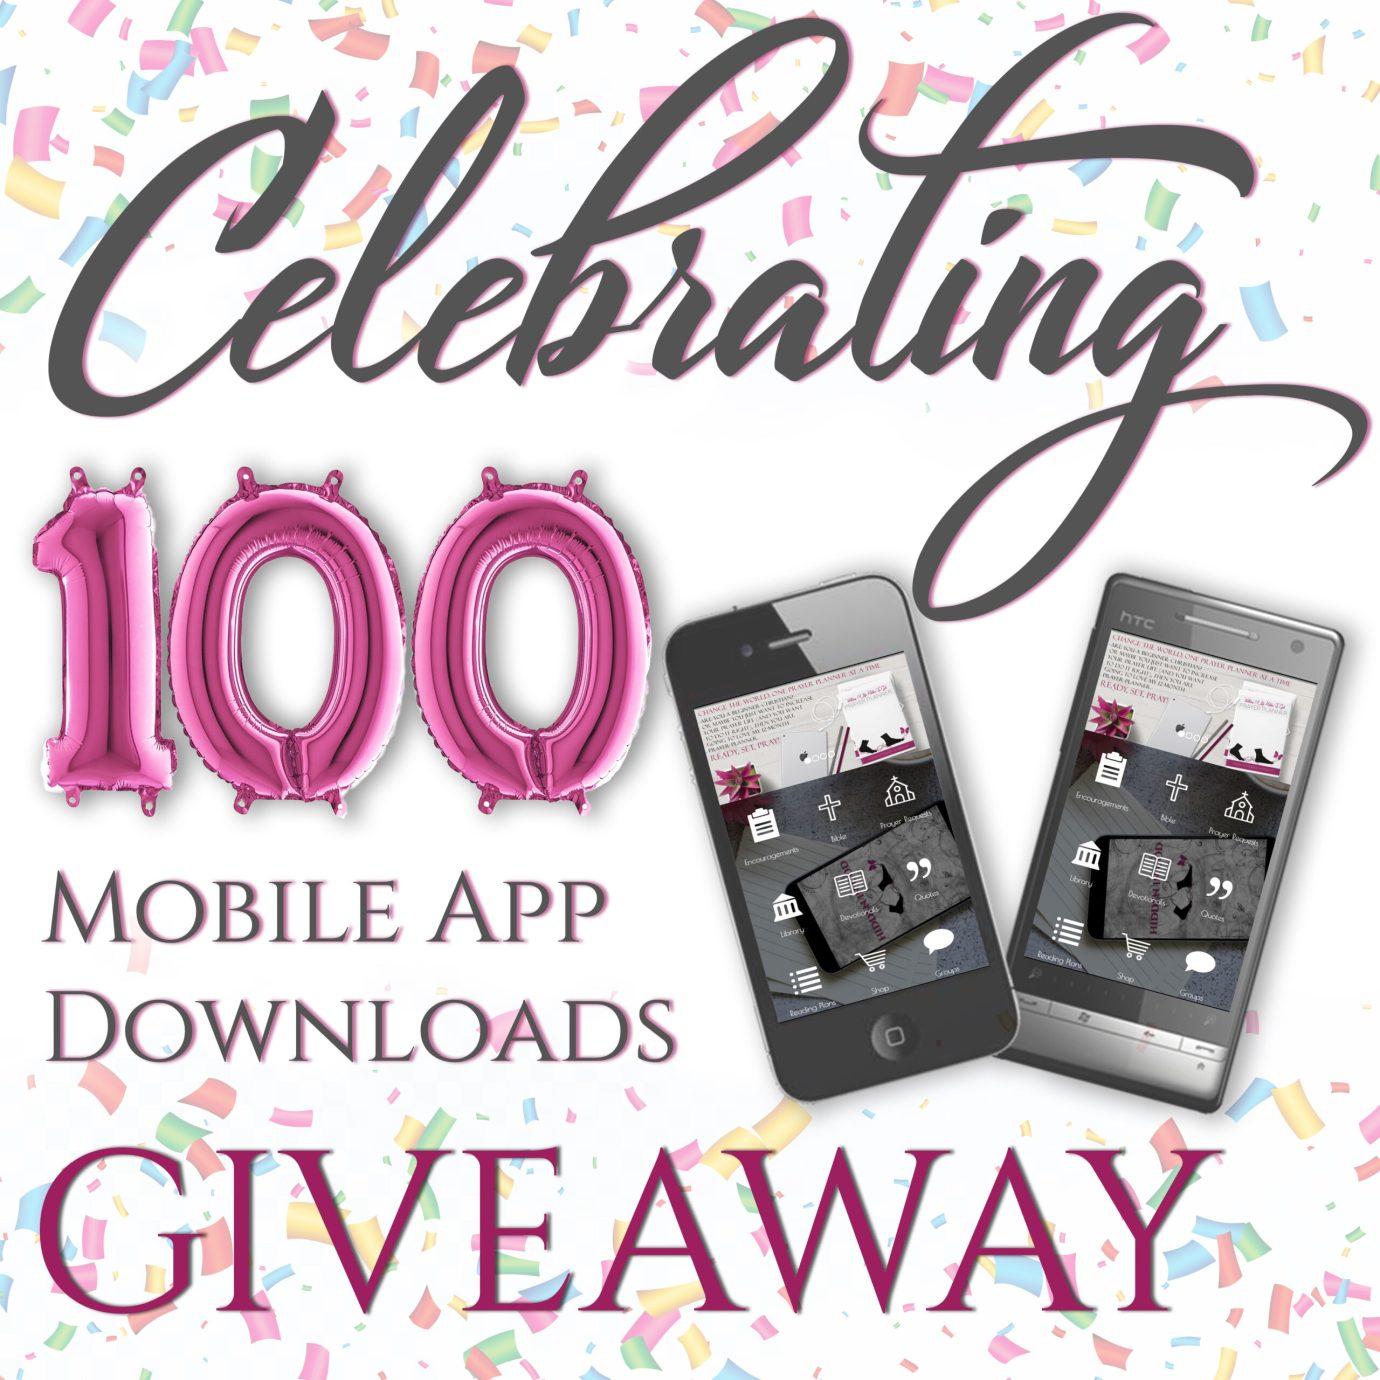 Celebrating 100 Mobile App Downloands